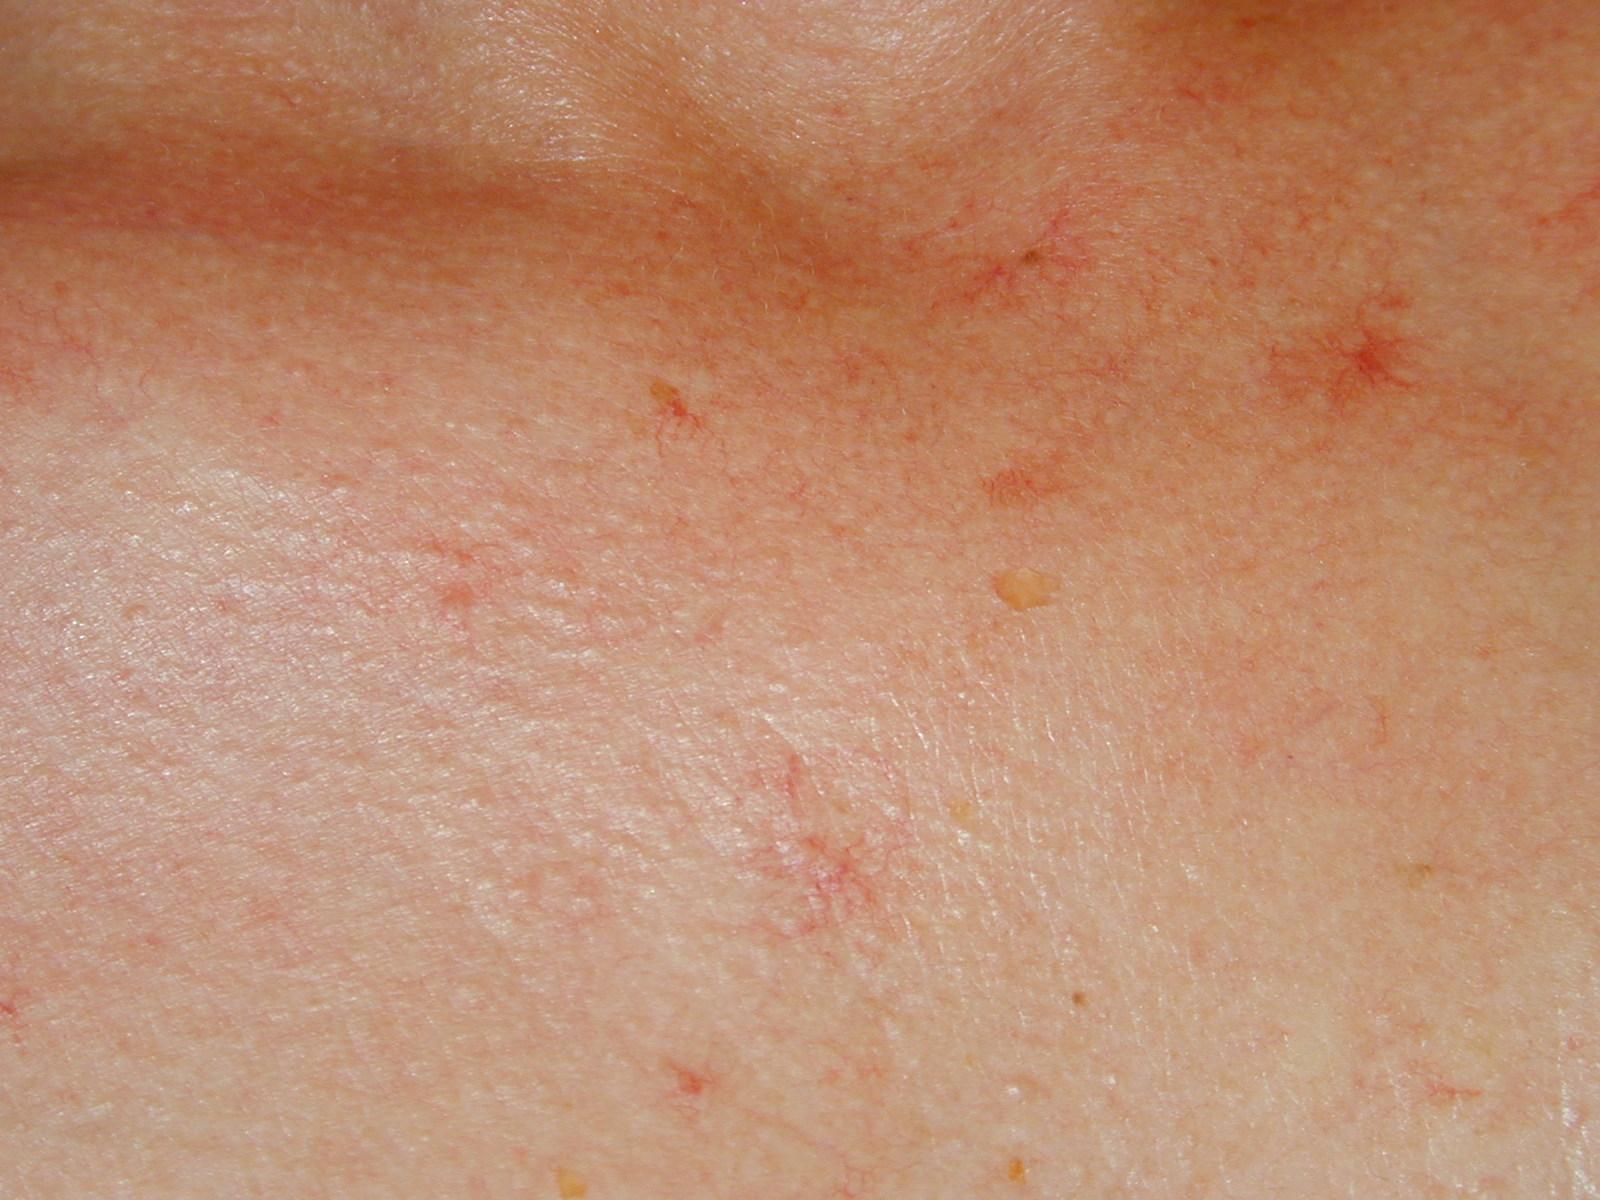 Sos cicatrices acn marques rouges for Que portent les juifs sur le front